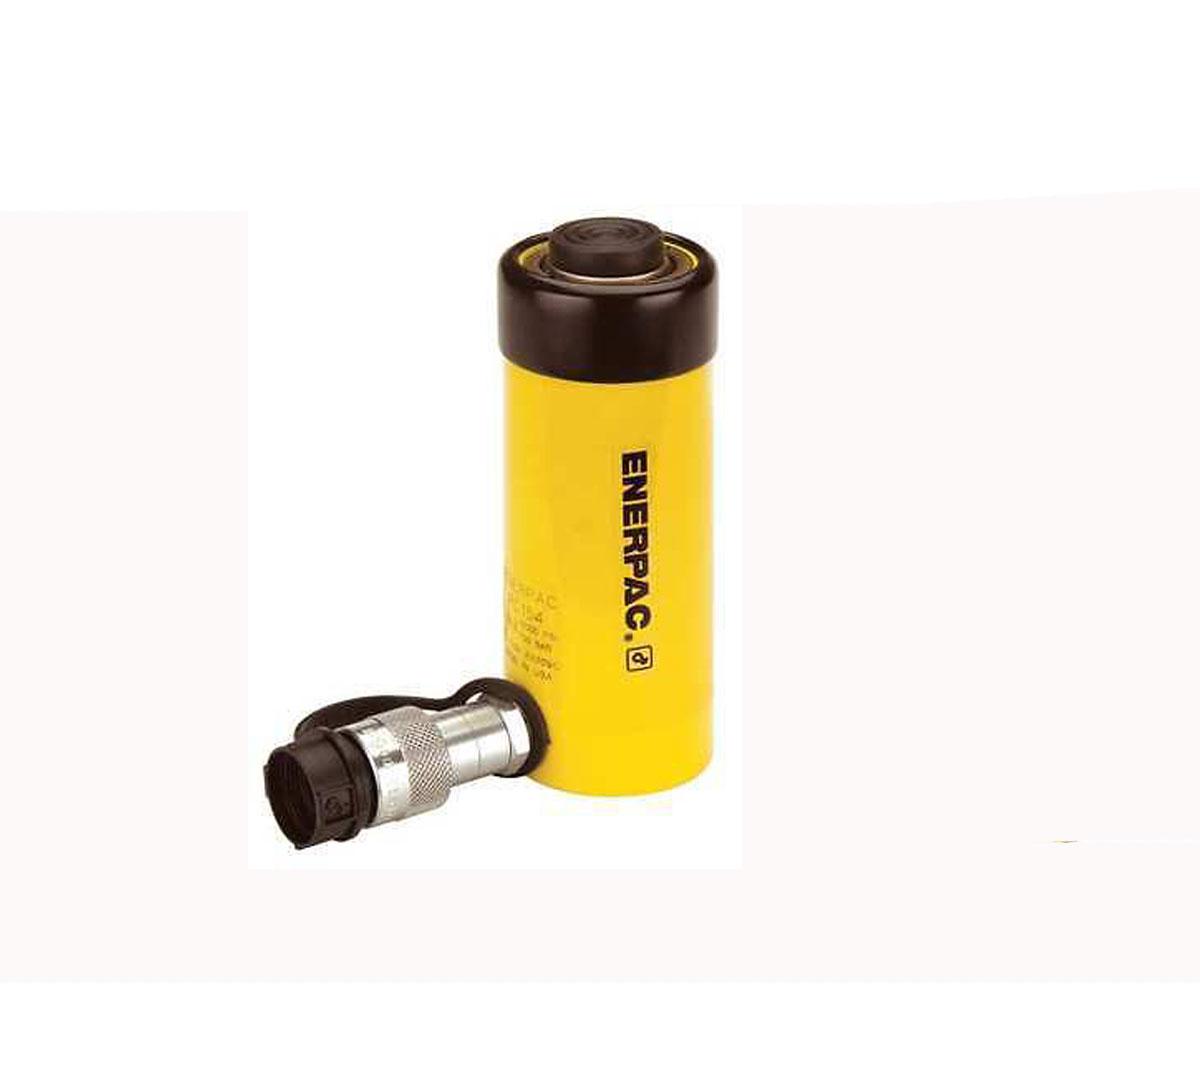 enerpac-rc254-hydraulic-cylinder-rental